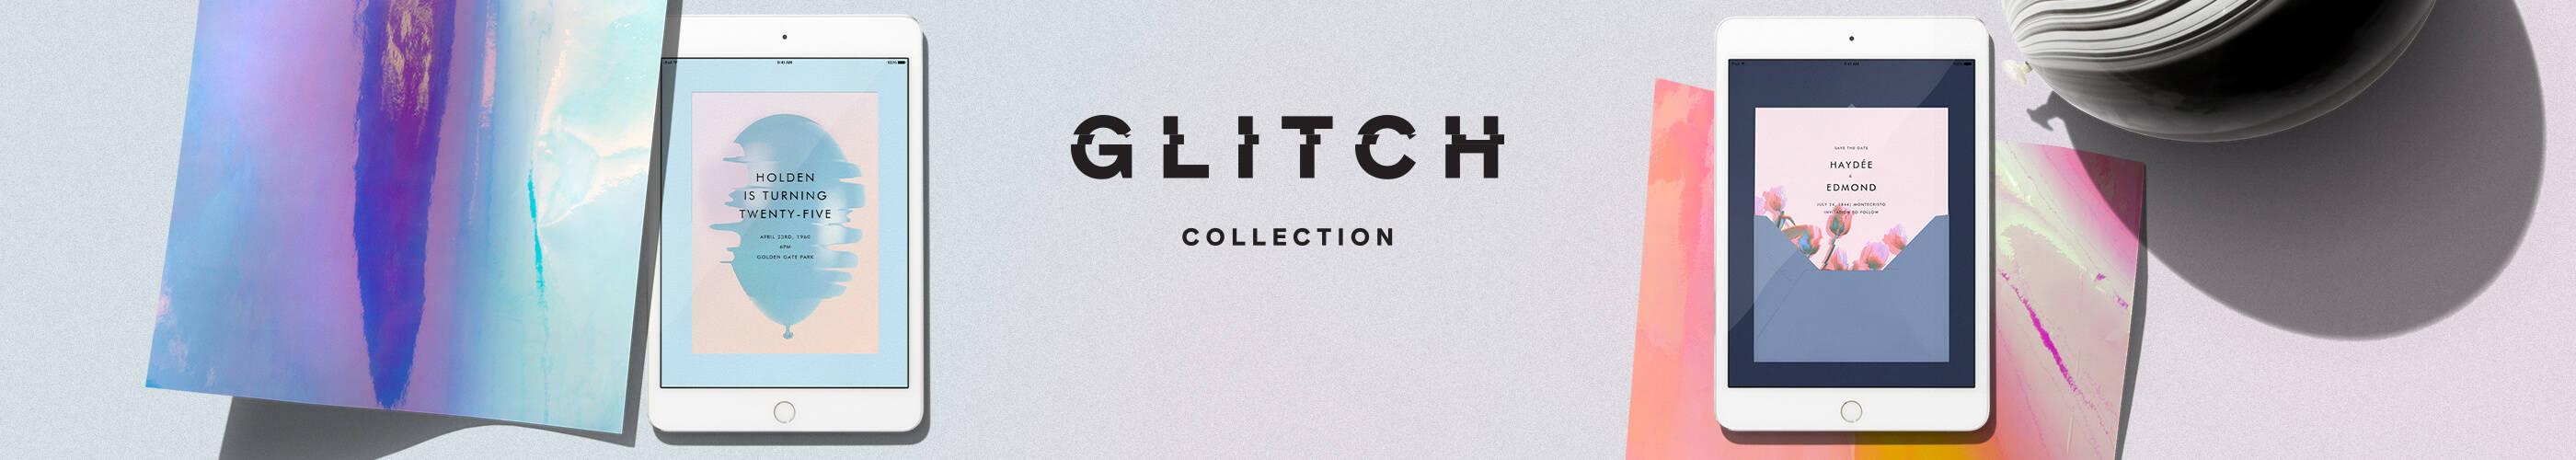 Glitch Online